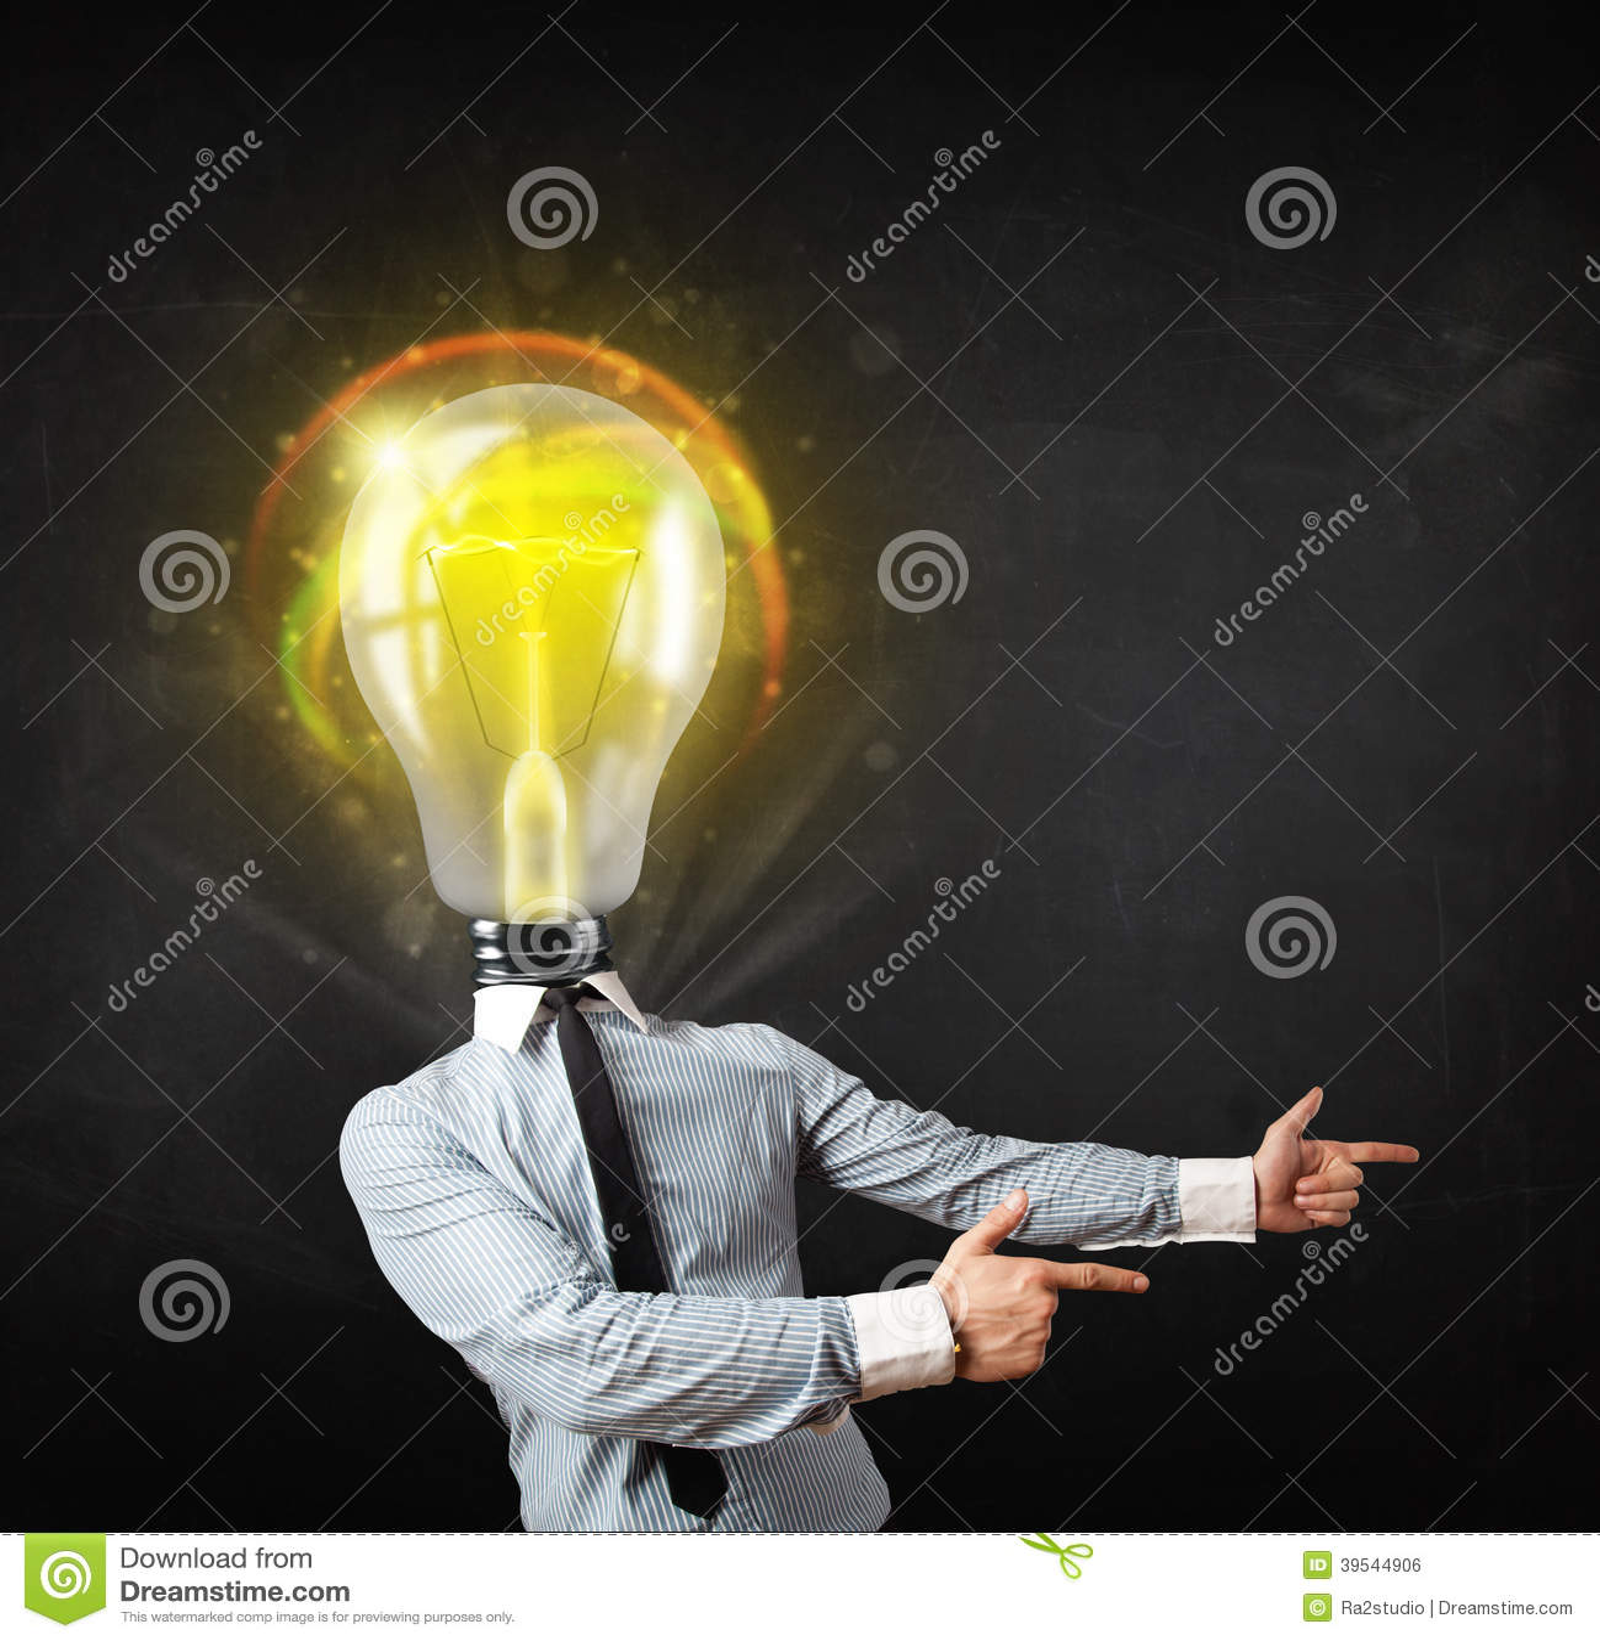 homme-d-affaires-avec-le-concept-de-t%C3%AAte-d-ampoule-39544906.jpg